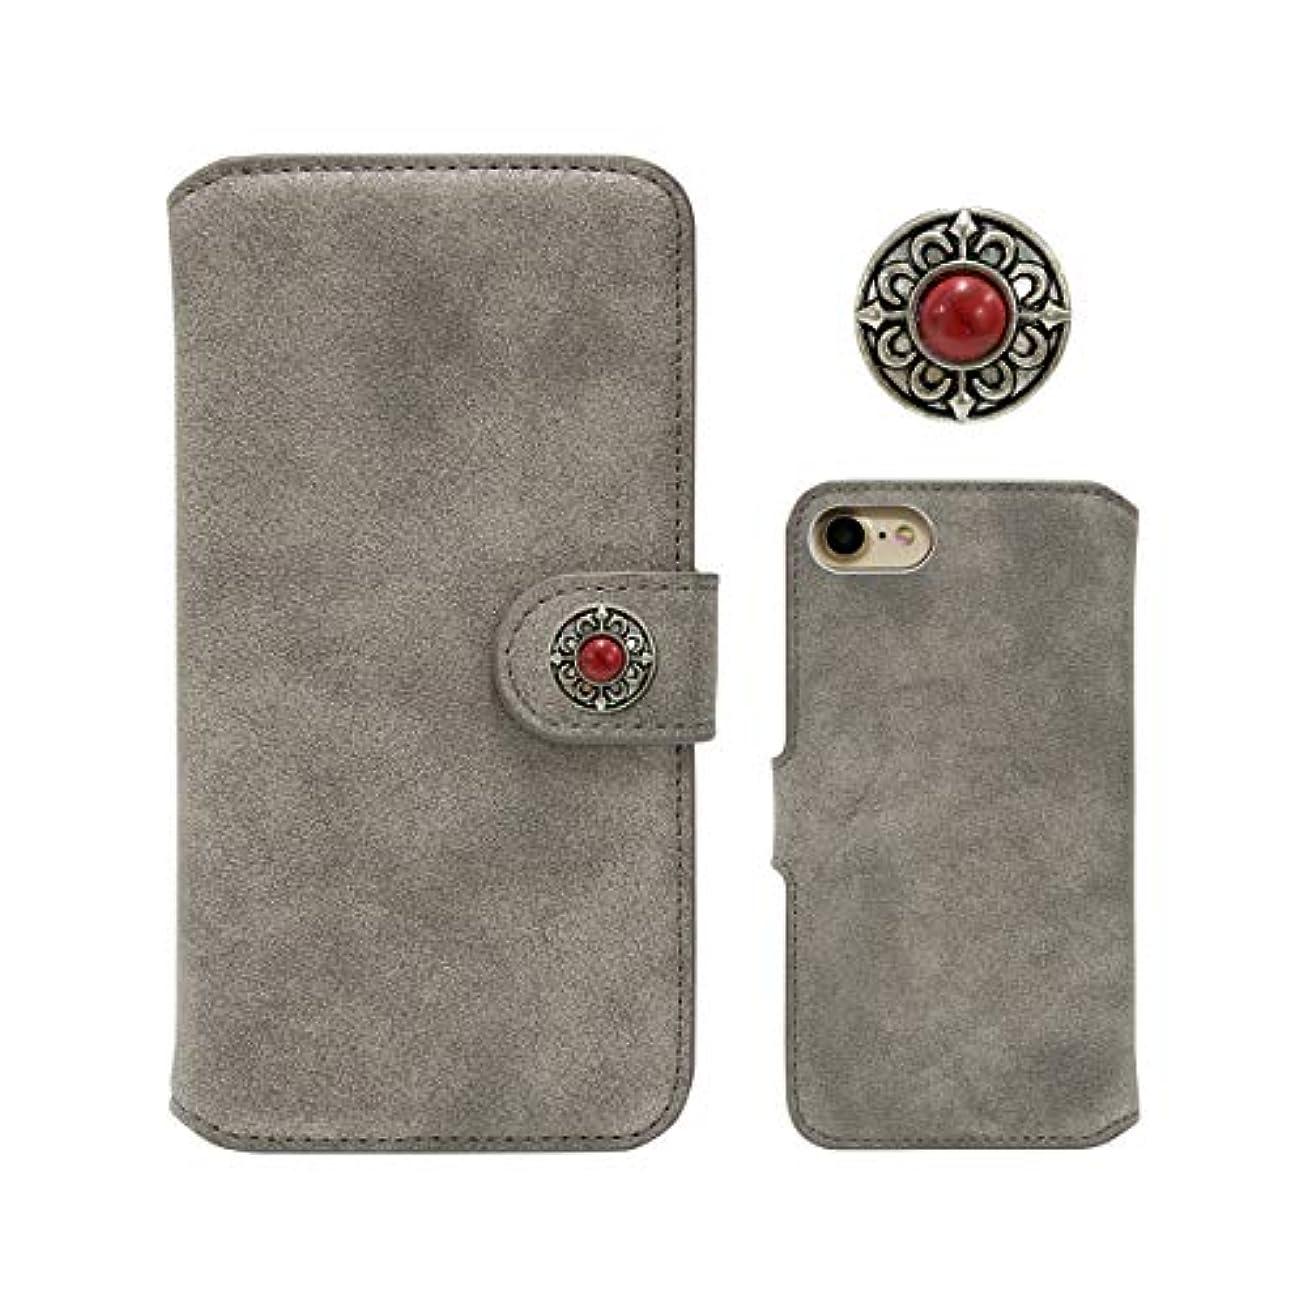 空署名申請中らくらくスマートフォン4 F-04J スマホケース コンチョ 付き 手帳型 ケース suede-concho-02 (シルバー) 財布型 PUレザー ベルト無し 手帳 カバー